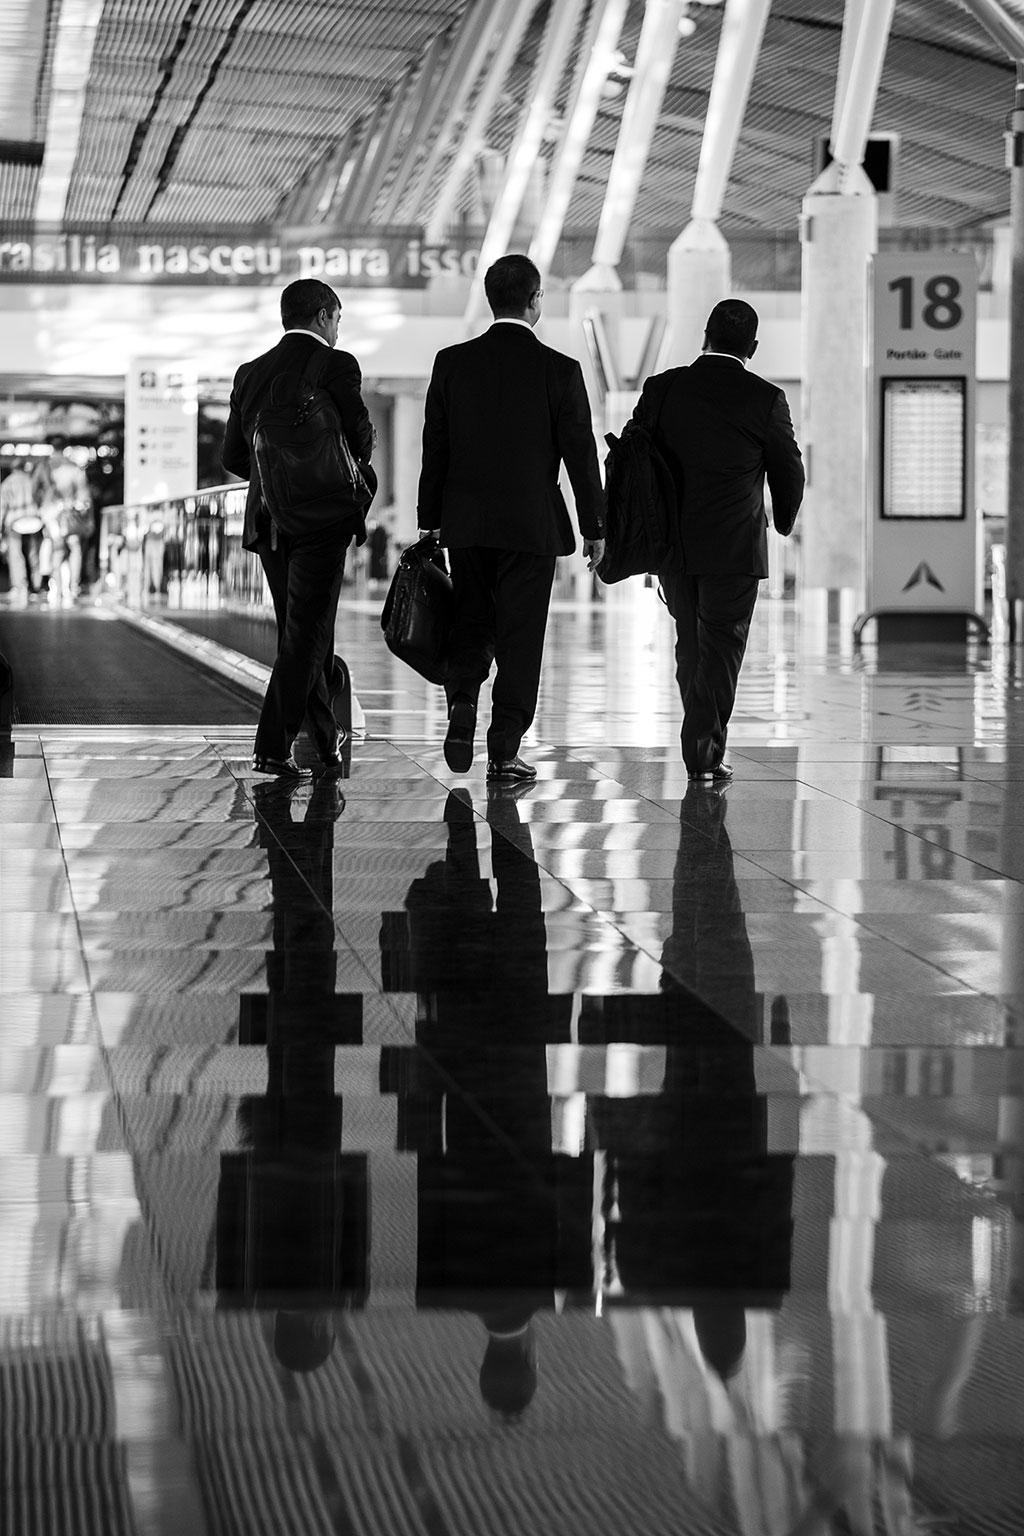 Business Trip, © Fabio Ribeiro Maciel, Ikei Photo Contest